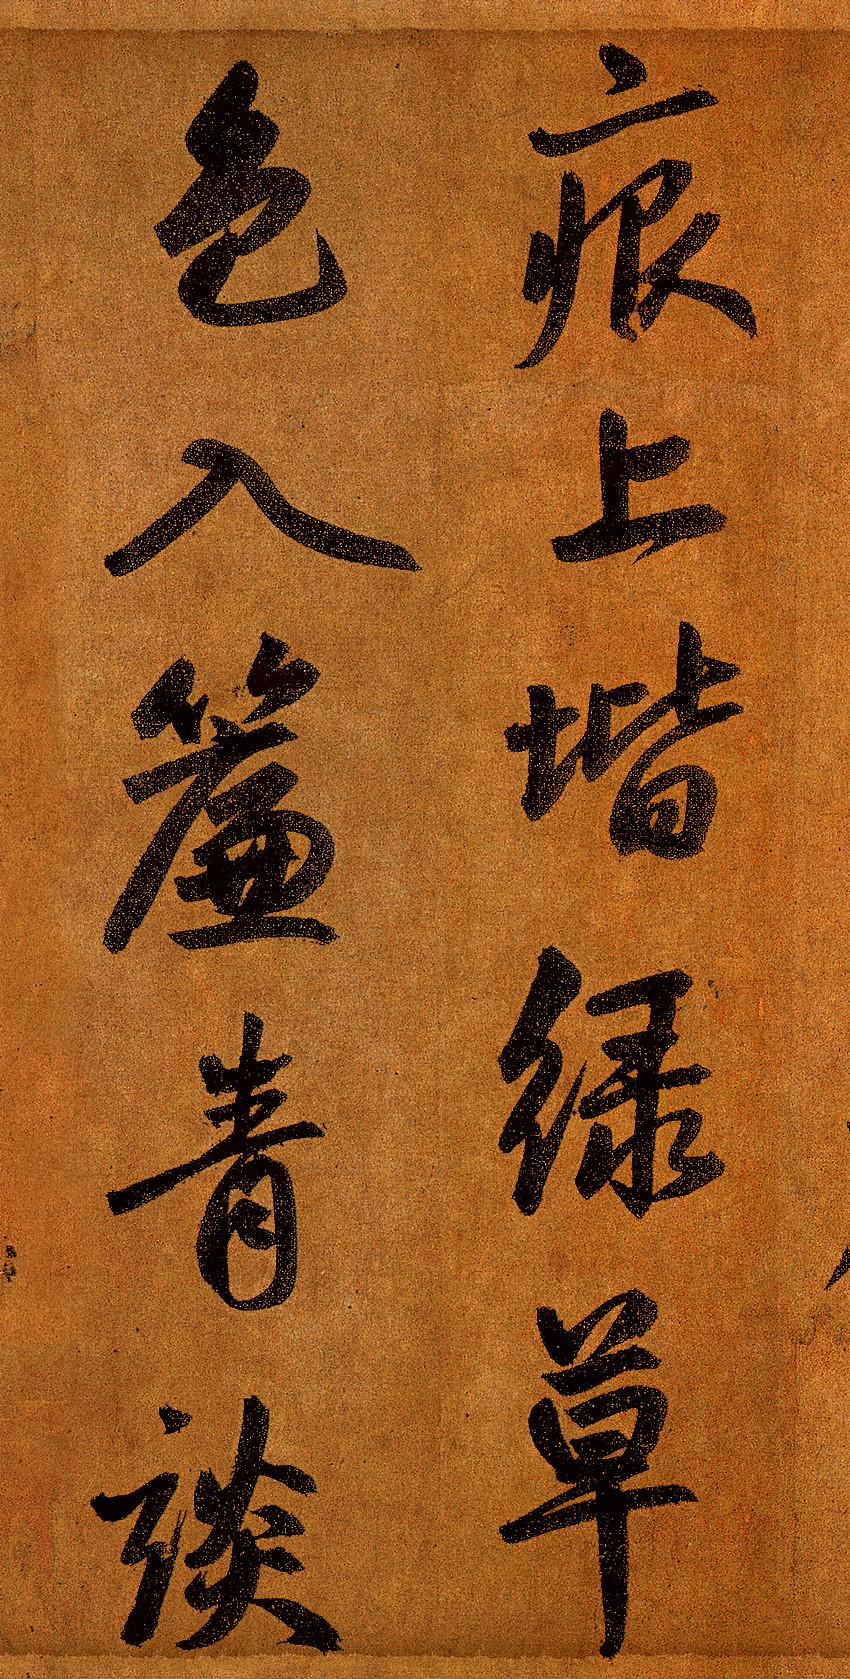 800年来的最美行楷,这字功力精深,看得人如痴如醉